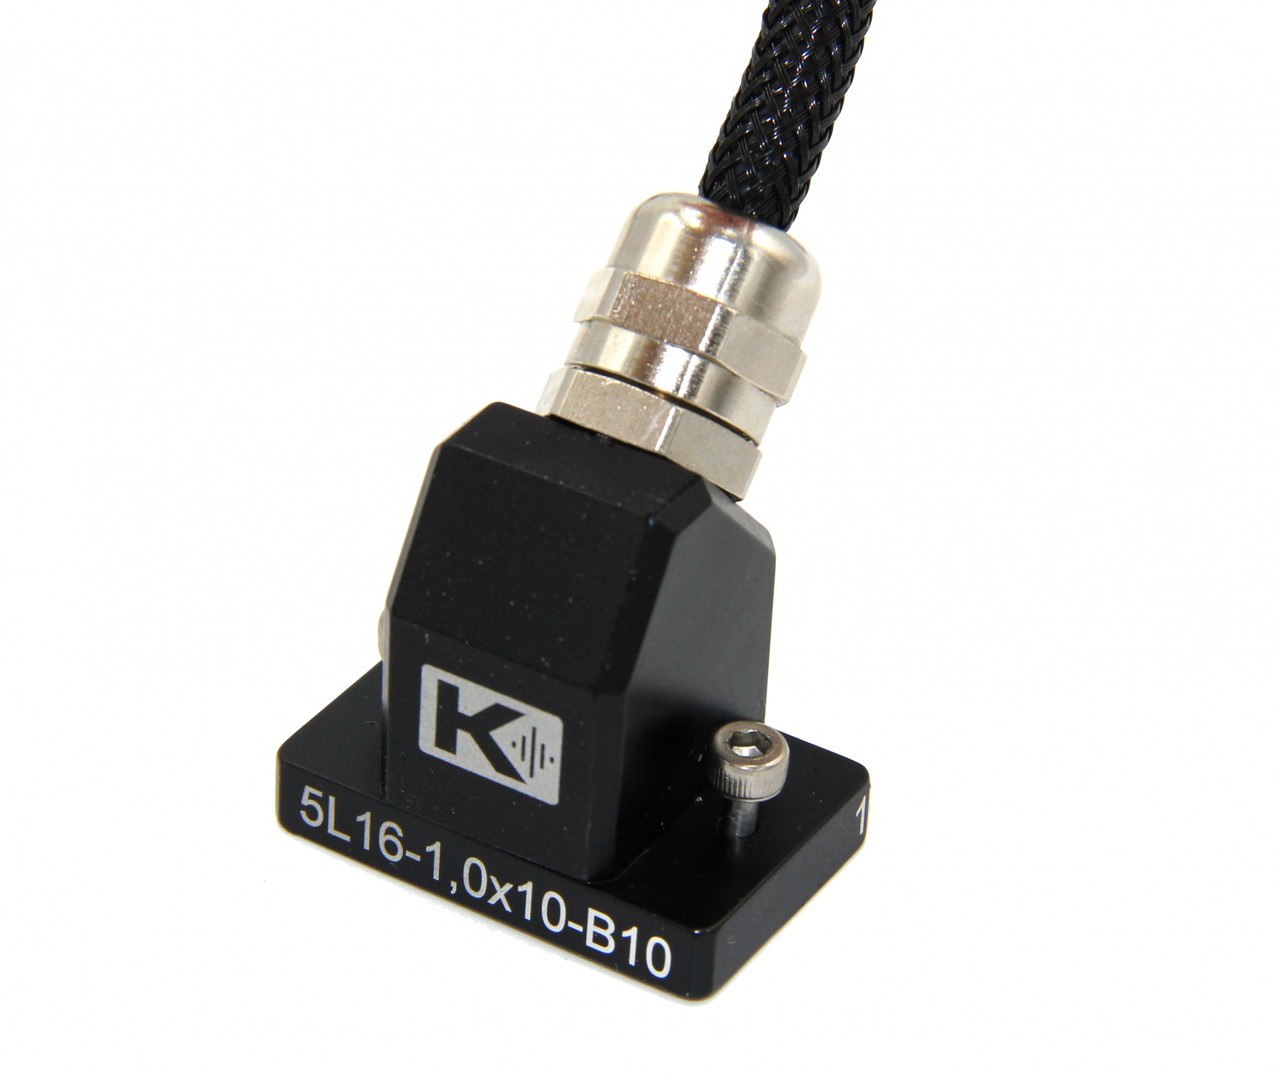 Фазированная антенная решетка 5L16-1х10-B10, 16 эл, 5 МГц